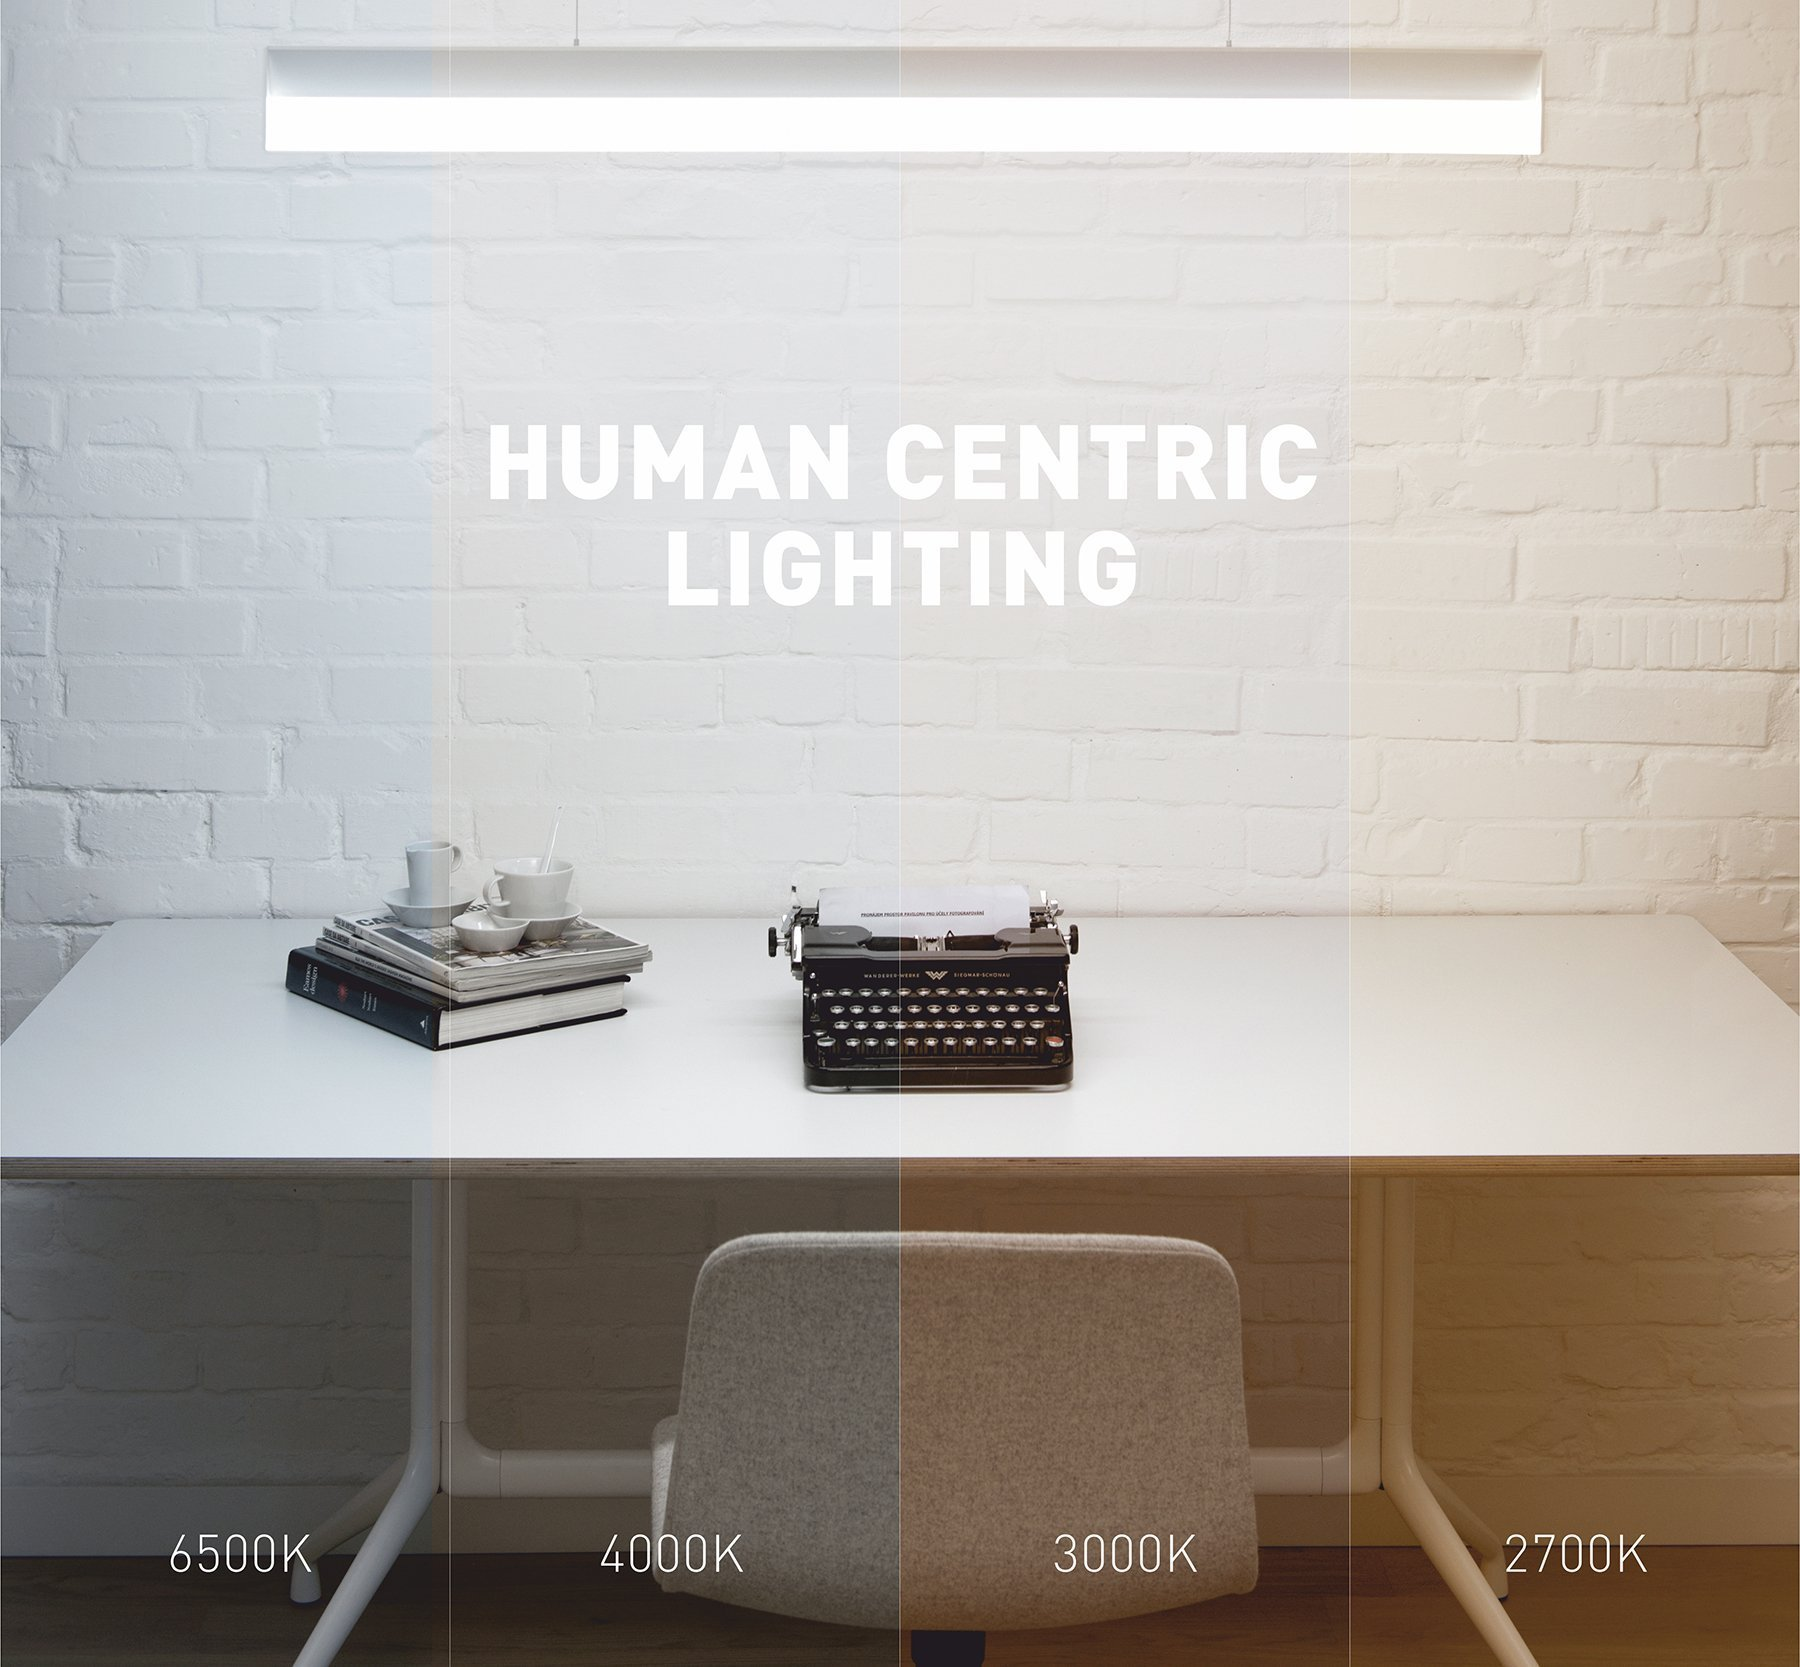 Významným prvkem každého prostoru je osvětlení. Avšak vybrat správné osvětlení není vůbec jednoduché, jak by se mohlo na první pohled zdát. Při výběru světla je nutné zaměřit pozornost na svítivost, životnost, barvu světla, náběh na plný světelný tok, v neposlední řadě také na energetickou úspornost a samozřejmě samotné svítidlo jako takové.